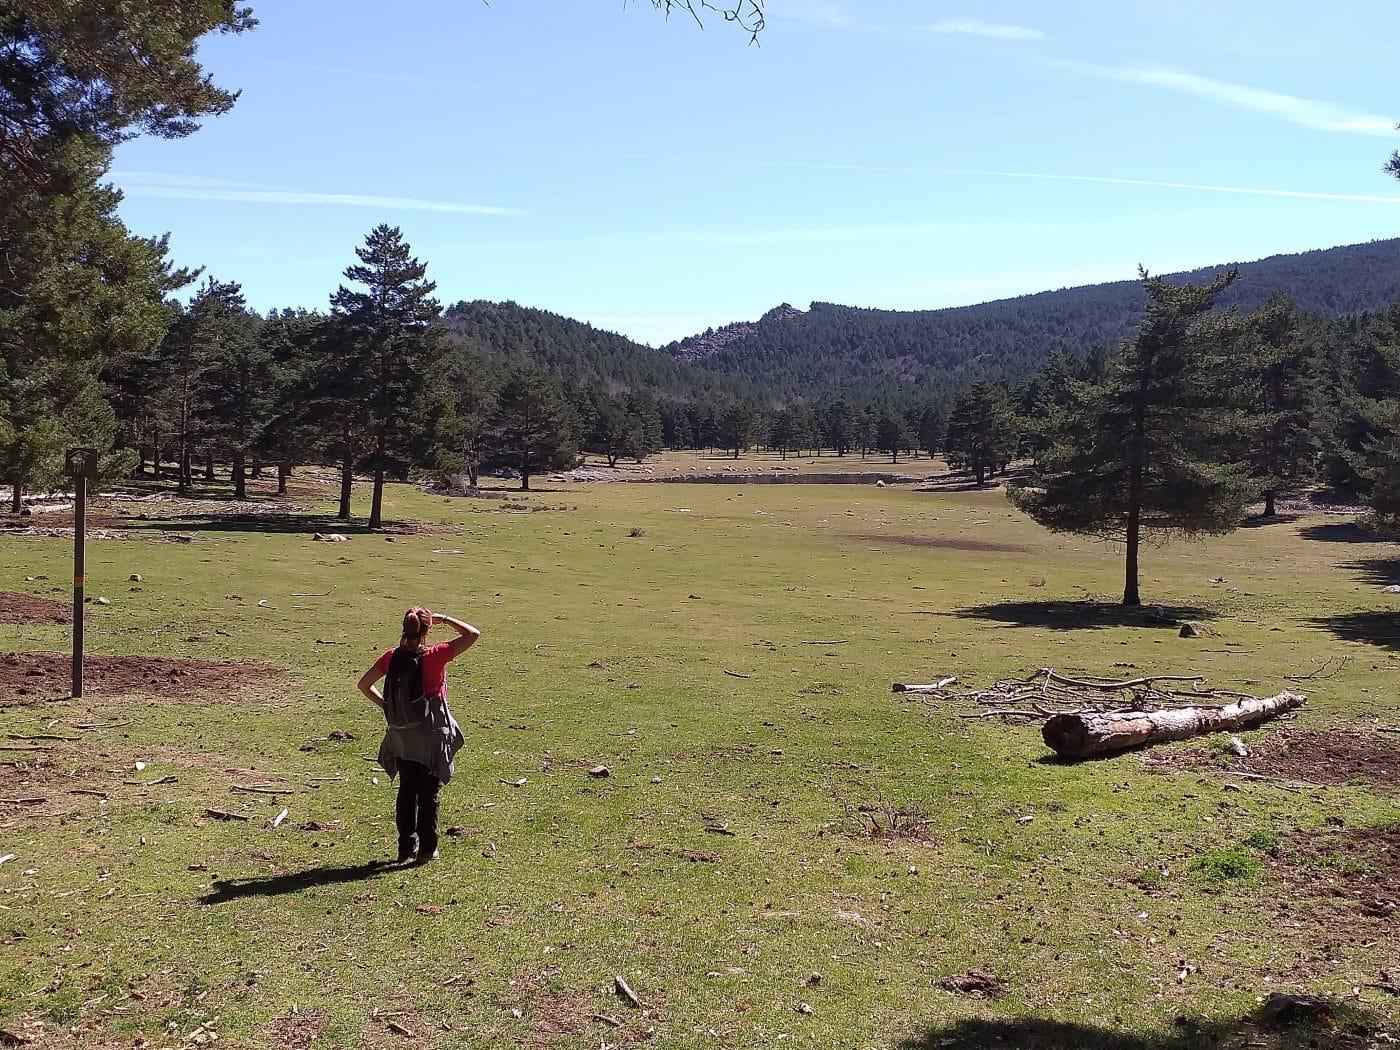 Sierra de Cebollera